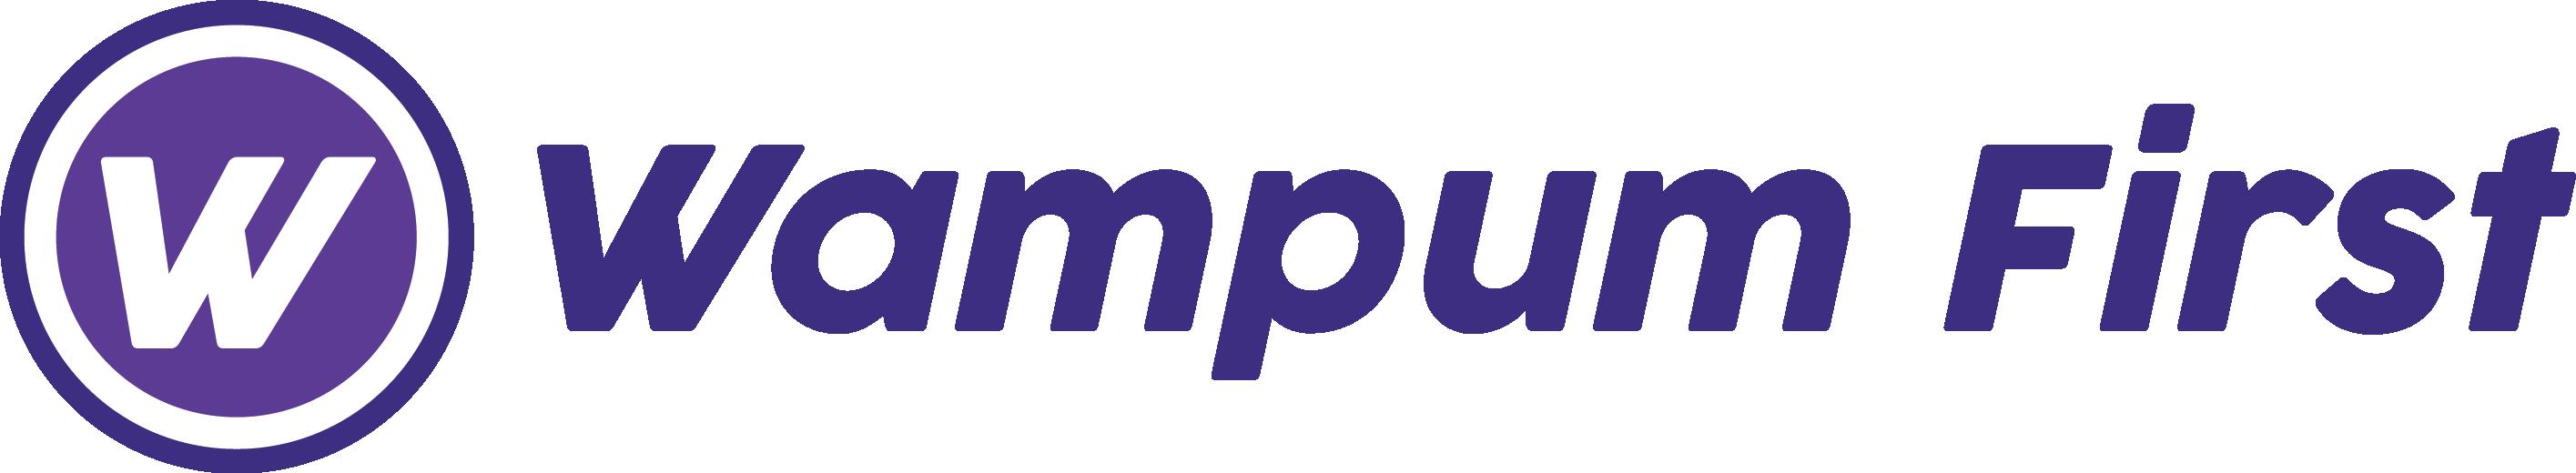 Wampum First